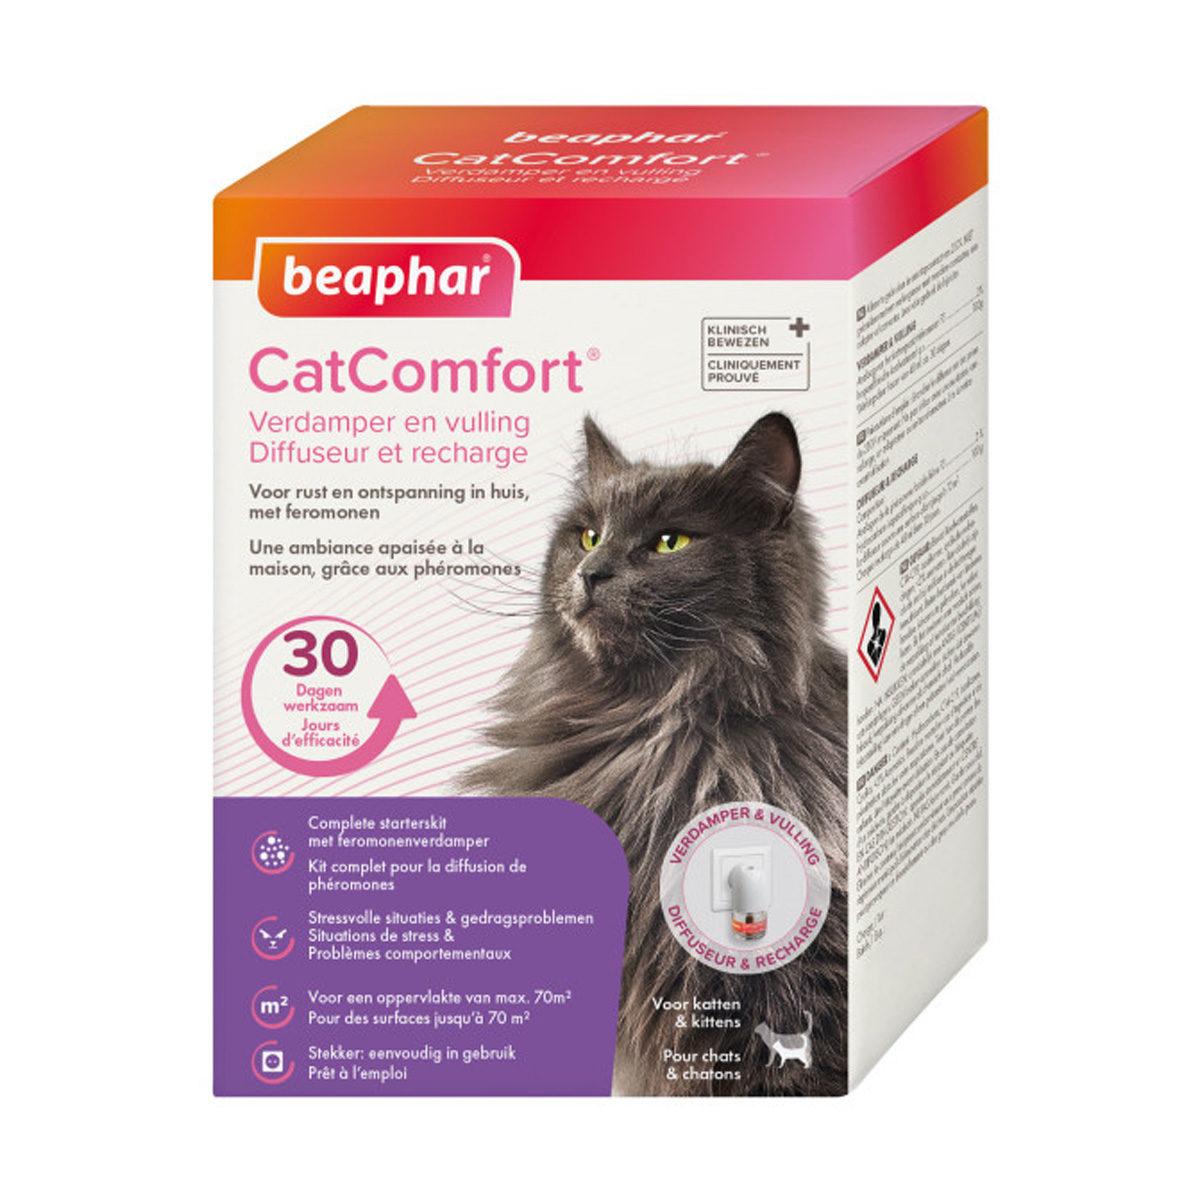 Beaphar CatComfort & Complete Starterskit Met Feromonenverdamper